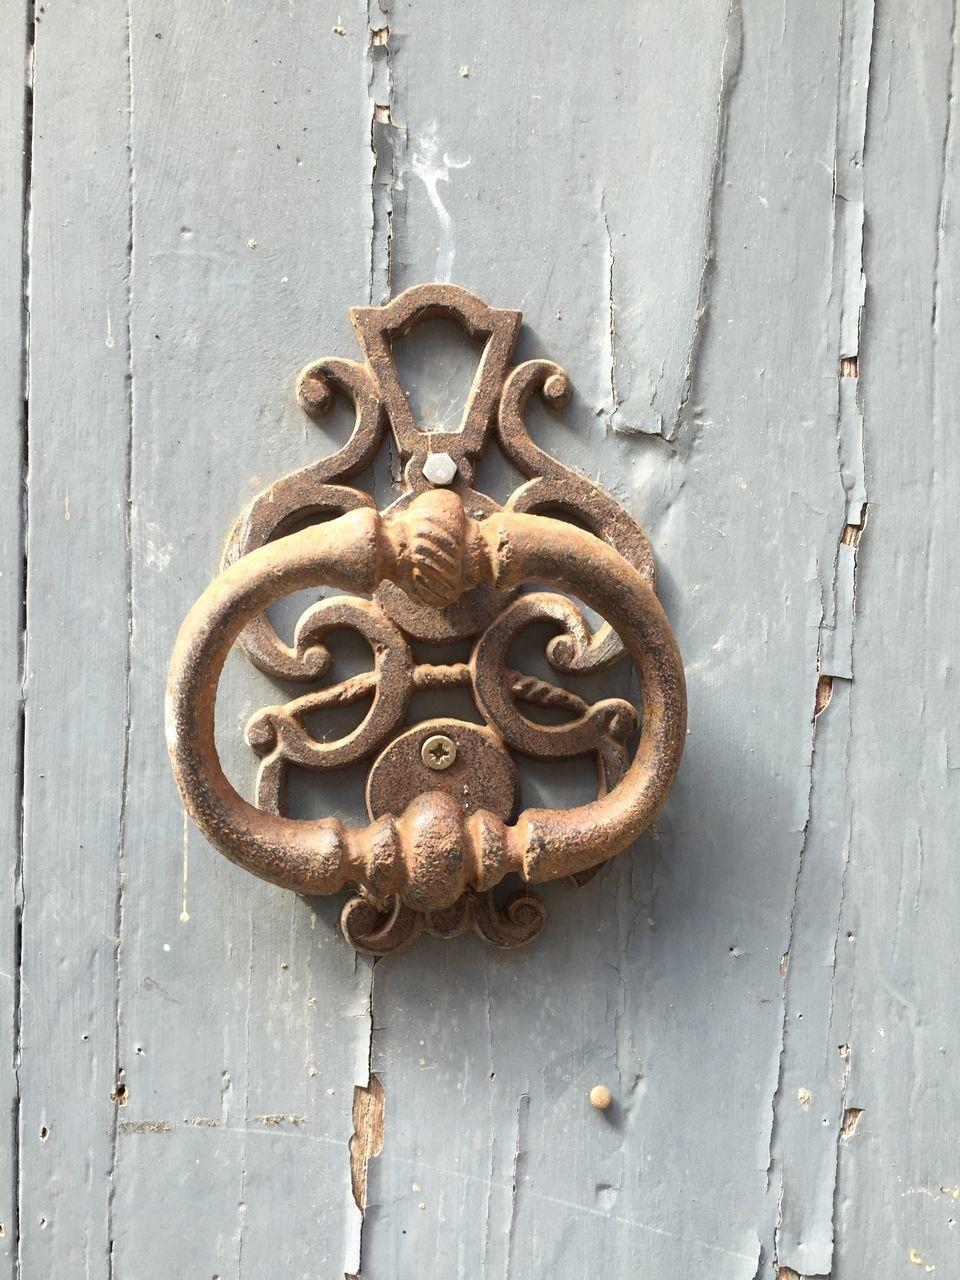 door, close-up, door knocker, metal, outdoors, no people, door handle, day, full frame, protection, wood - material, backgrounds